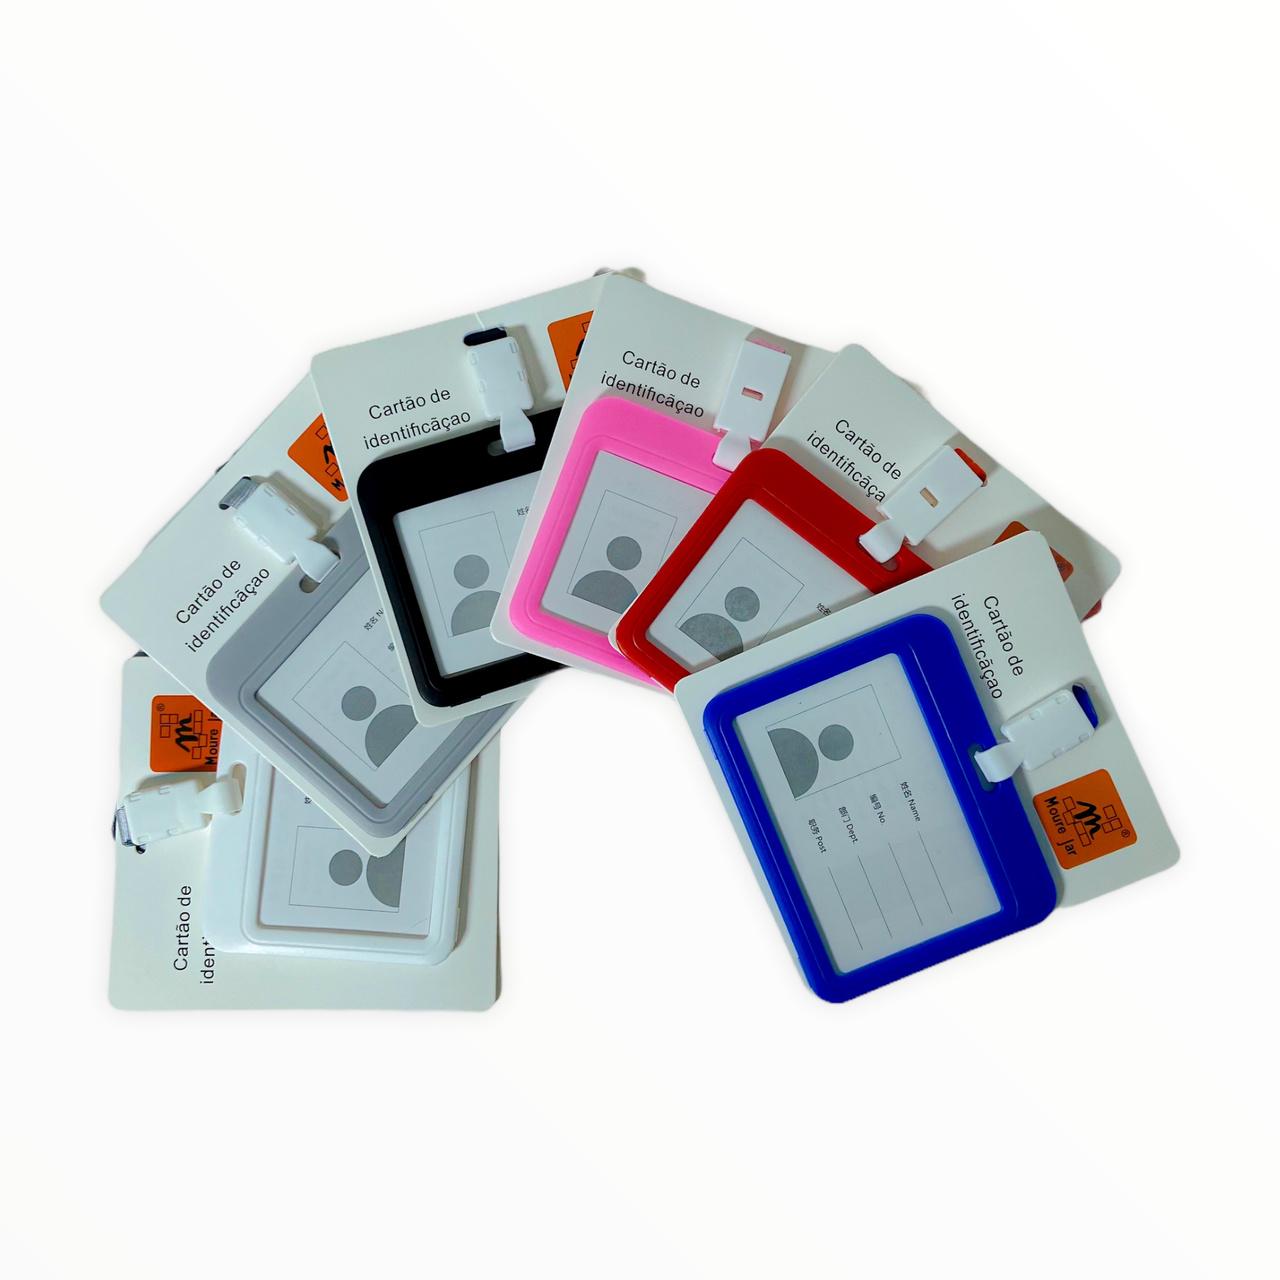 Porta Crachá Cartão De Identificação Plástico Diversas Cores Moure Jar Ref.: 8062